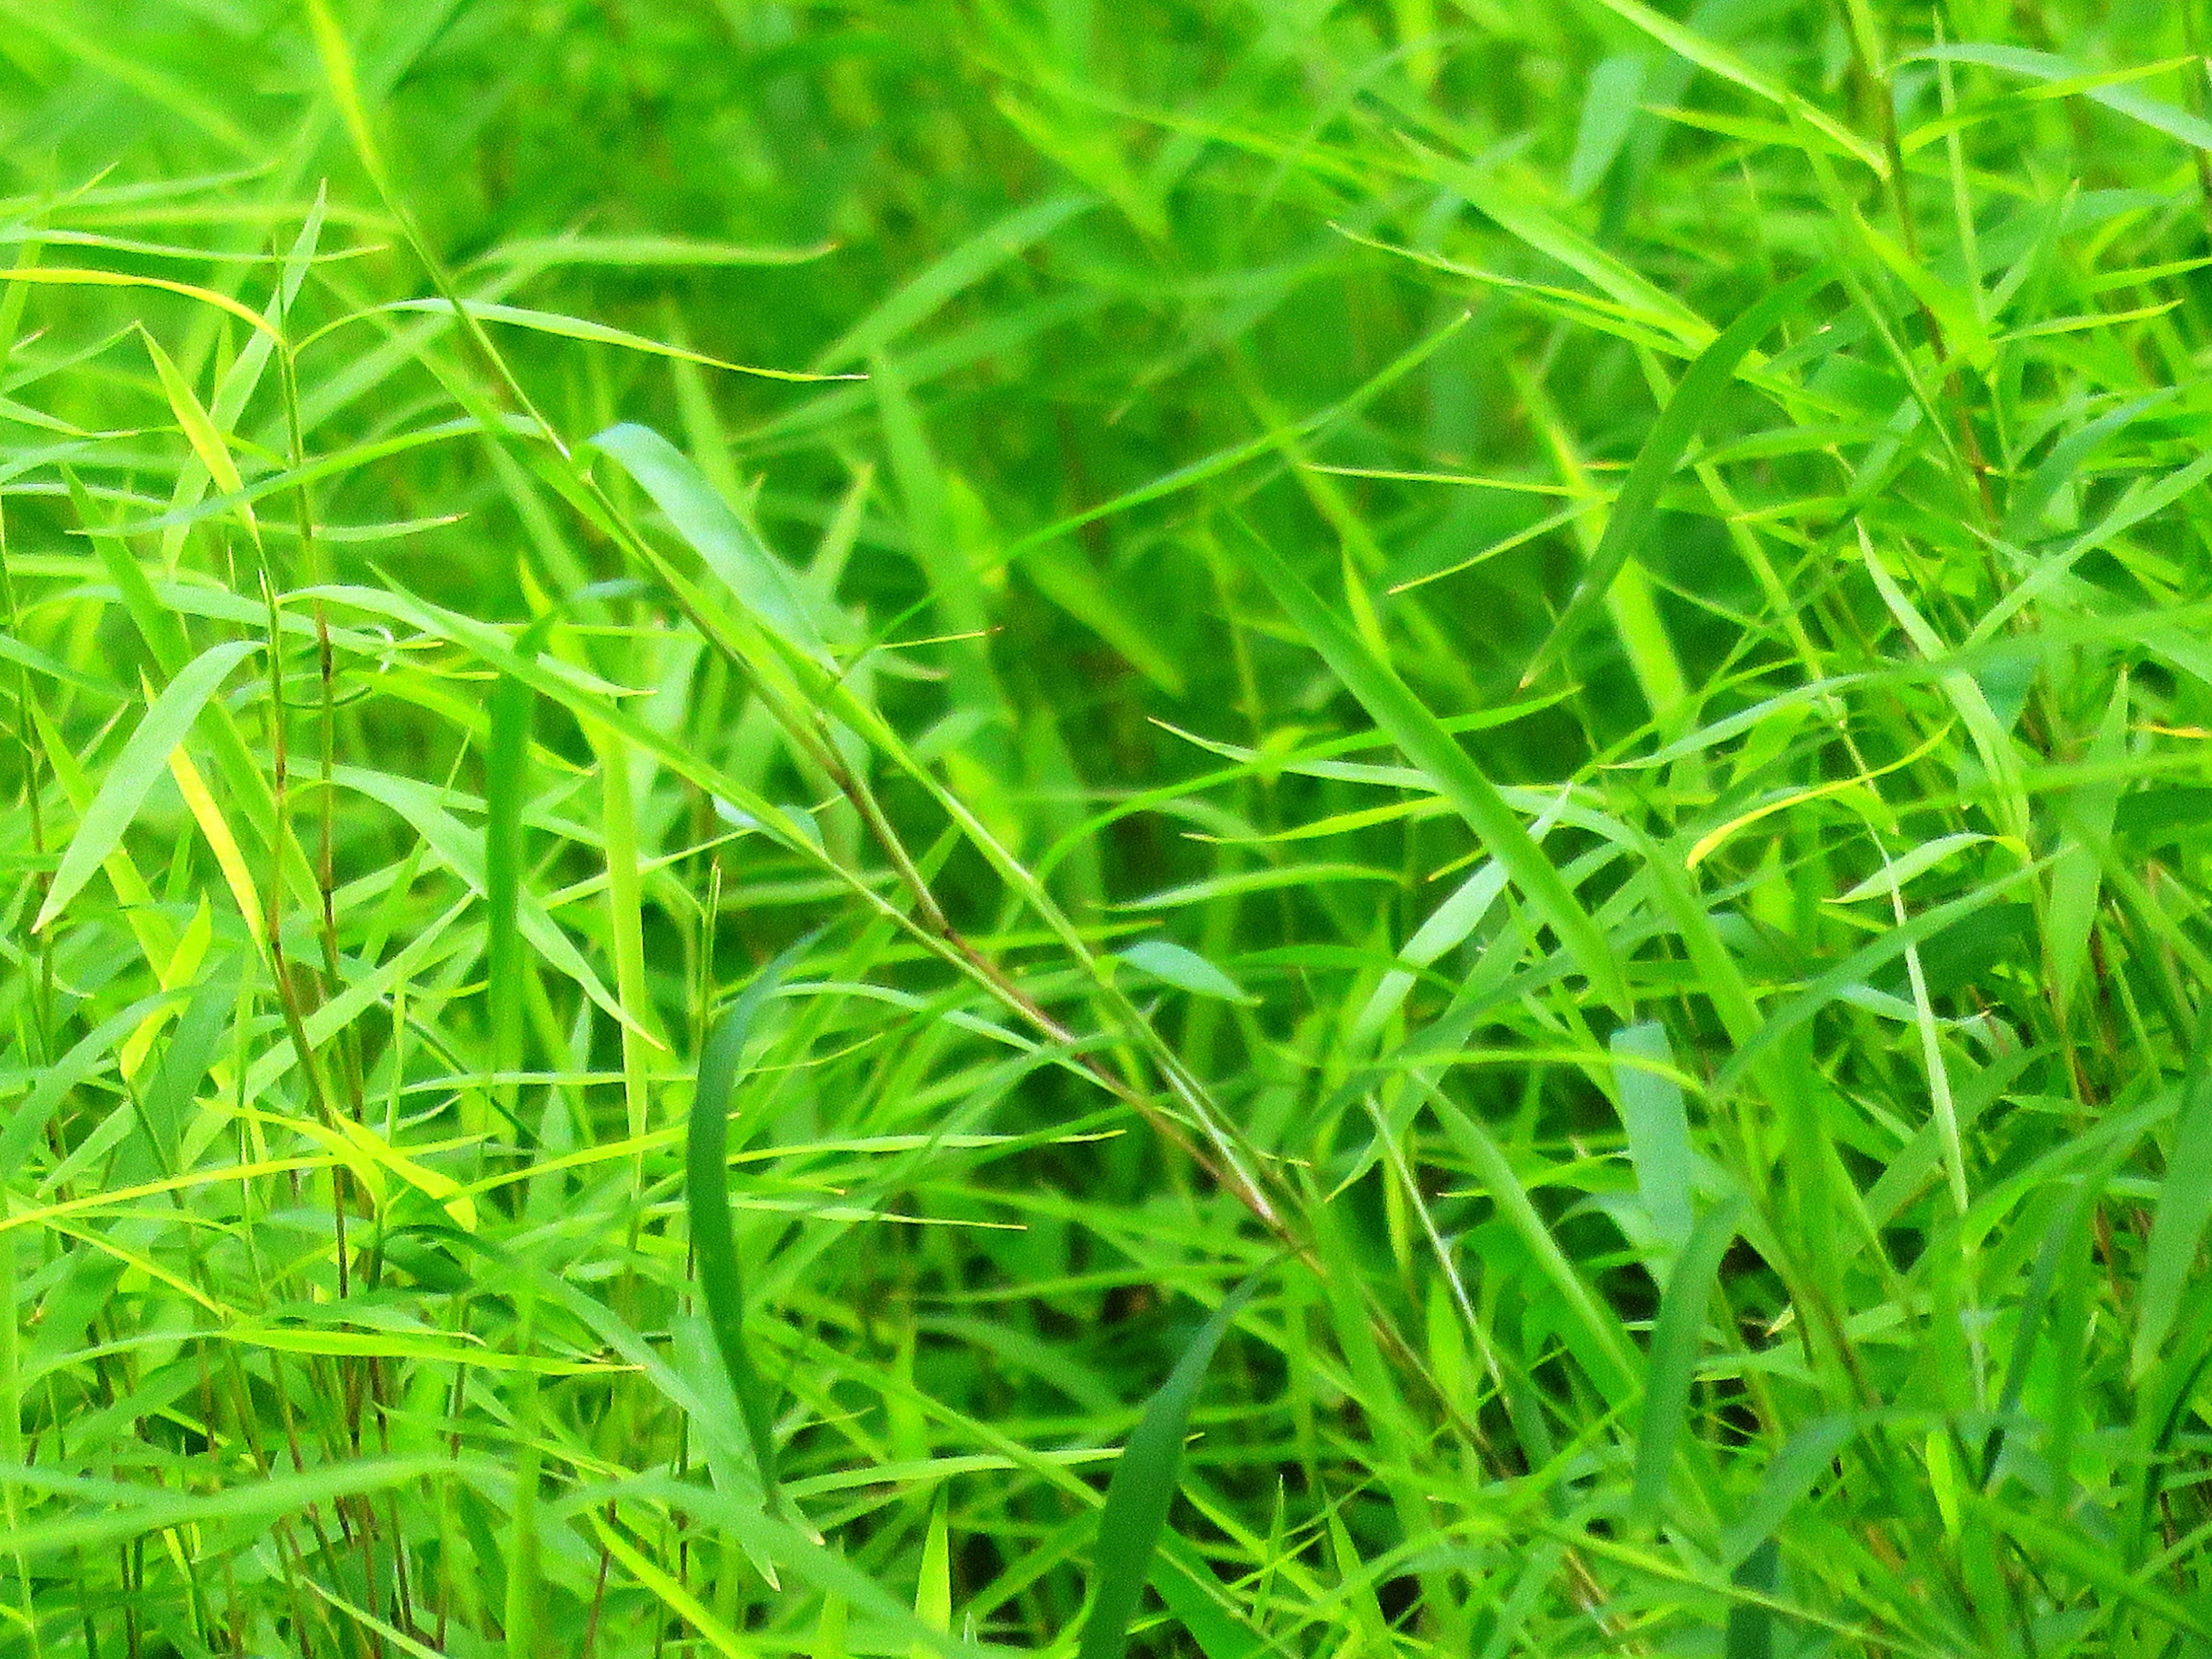 Kostenloses Stock Foto zu gras, grün, rasen, umwelt